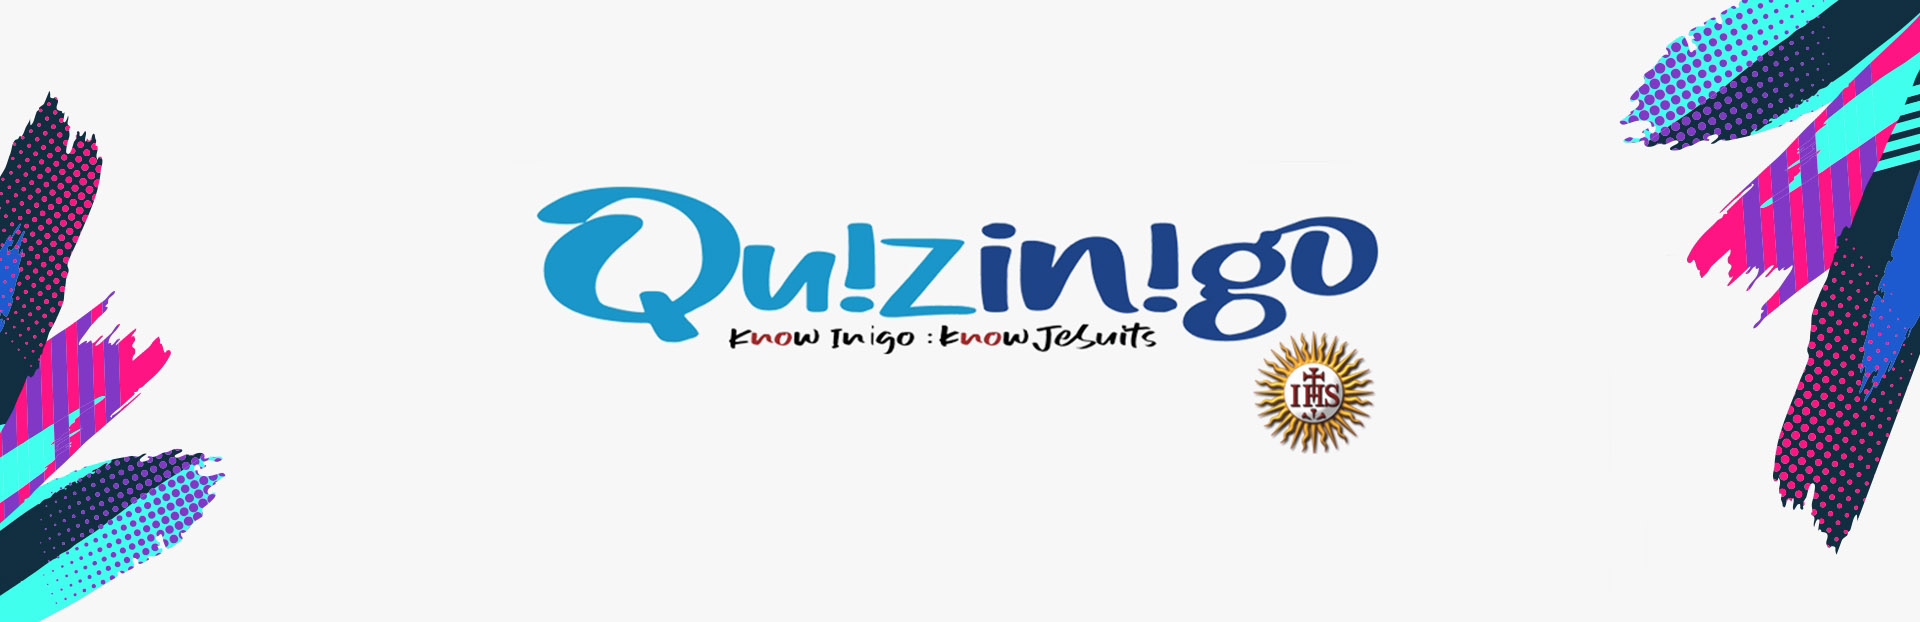 """""""QUIZINIGO 2020"""", La Provincia de Karnataka organiza un concurso ignaciano global en línea"""